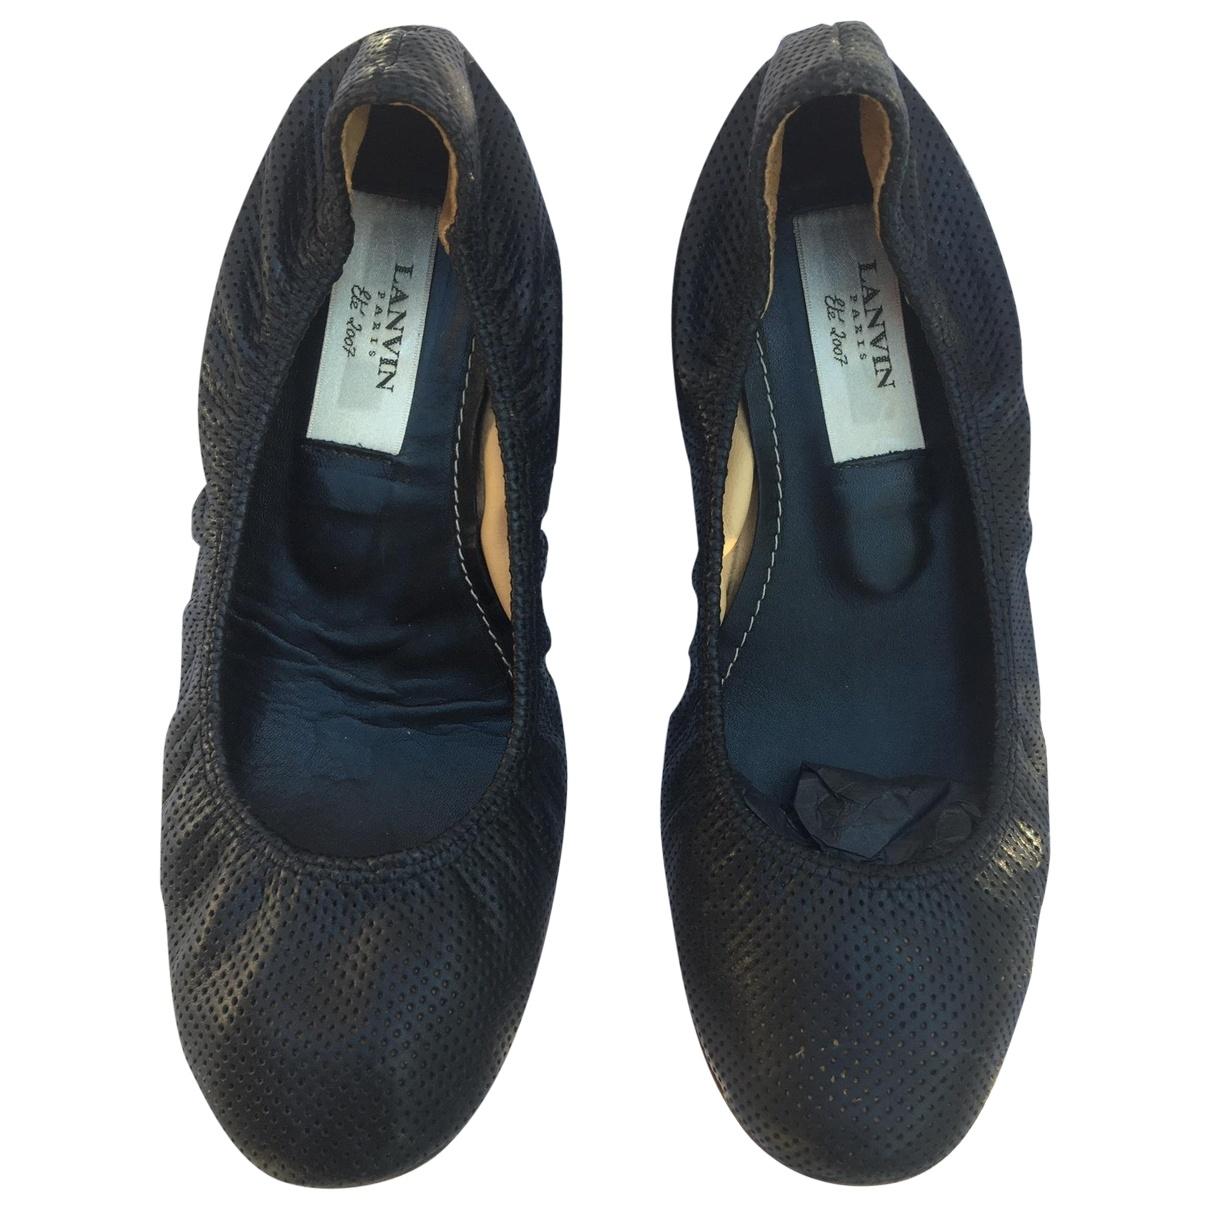 Lanvin \N Ballerinas in  Schwarz Leder